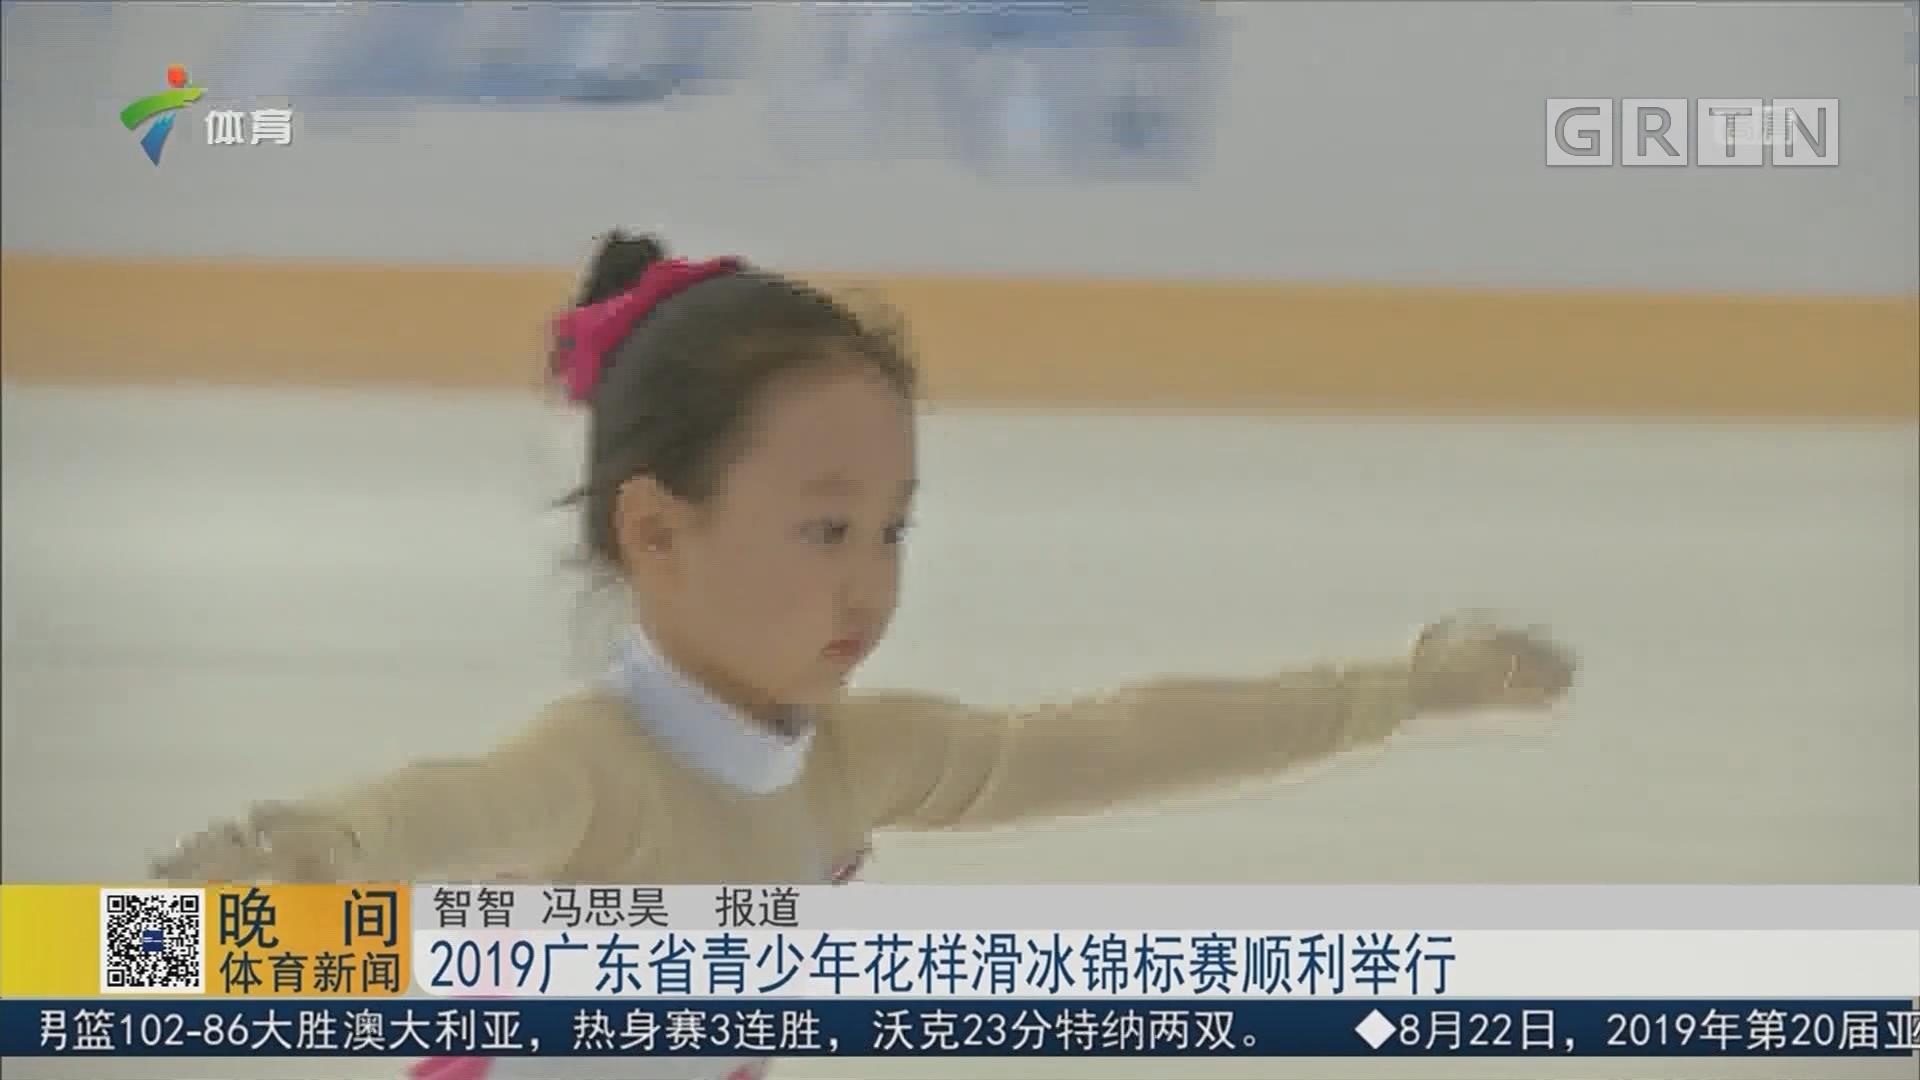 2019广东省青少年花样滑冰锦标赛顺利举行